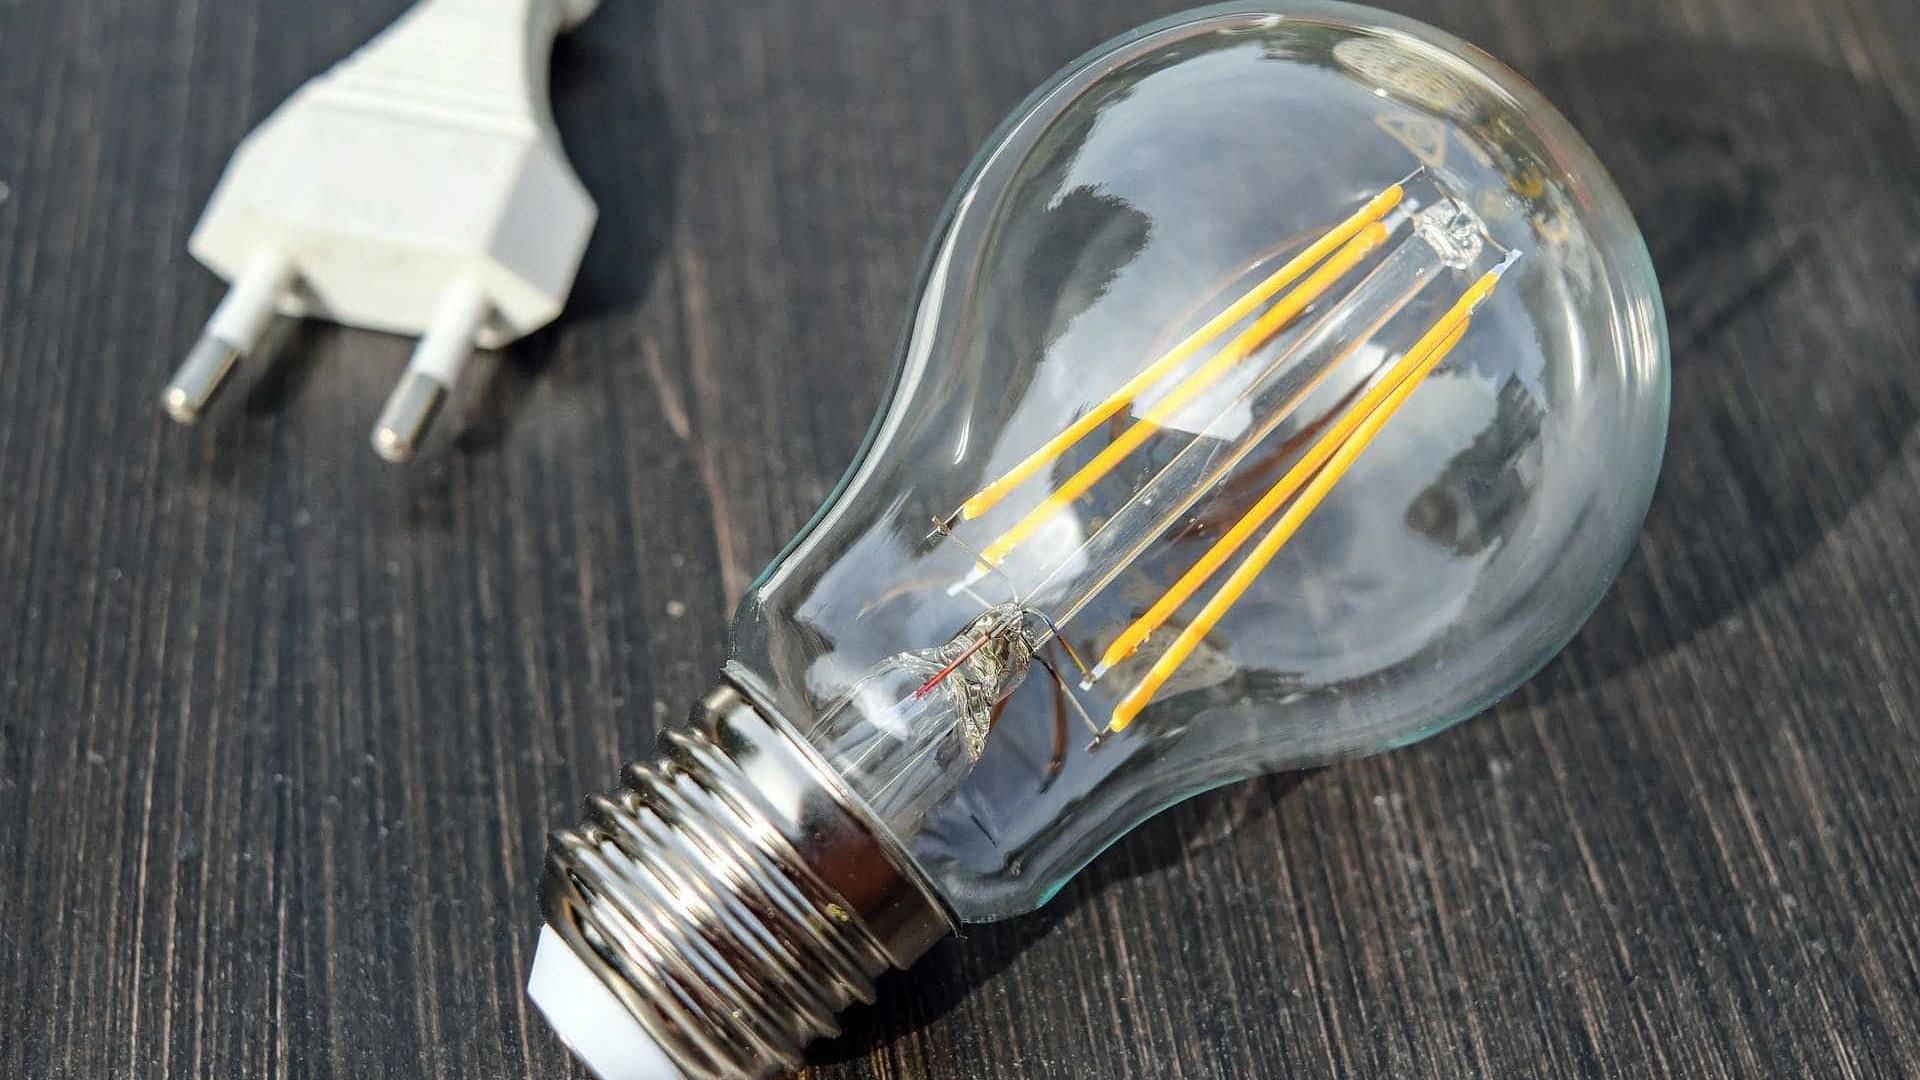 Equipe econômica quer reduzir subsídios na conta de luz